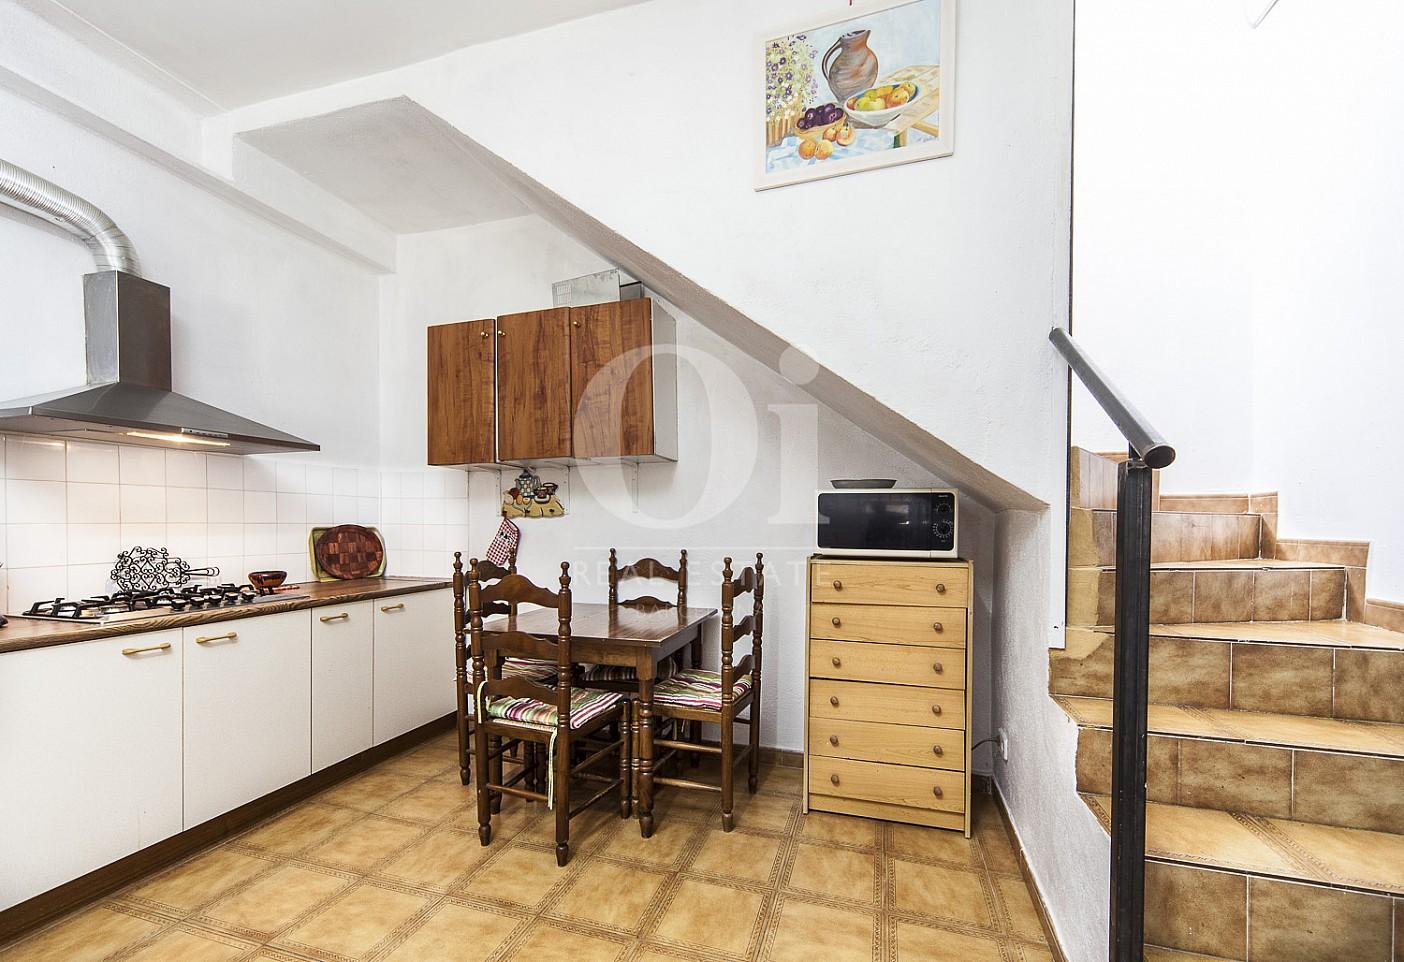 Cocina y escaleras de casa en venta en Borrassà, alto Ampurdán, Gerona